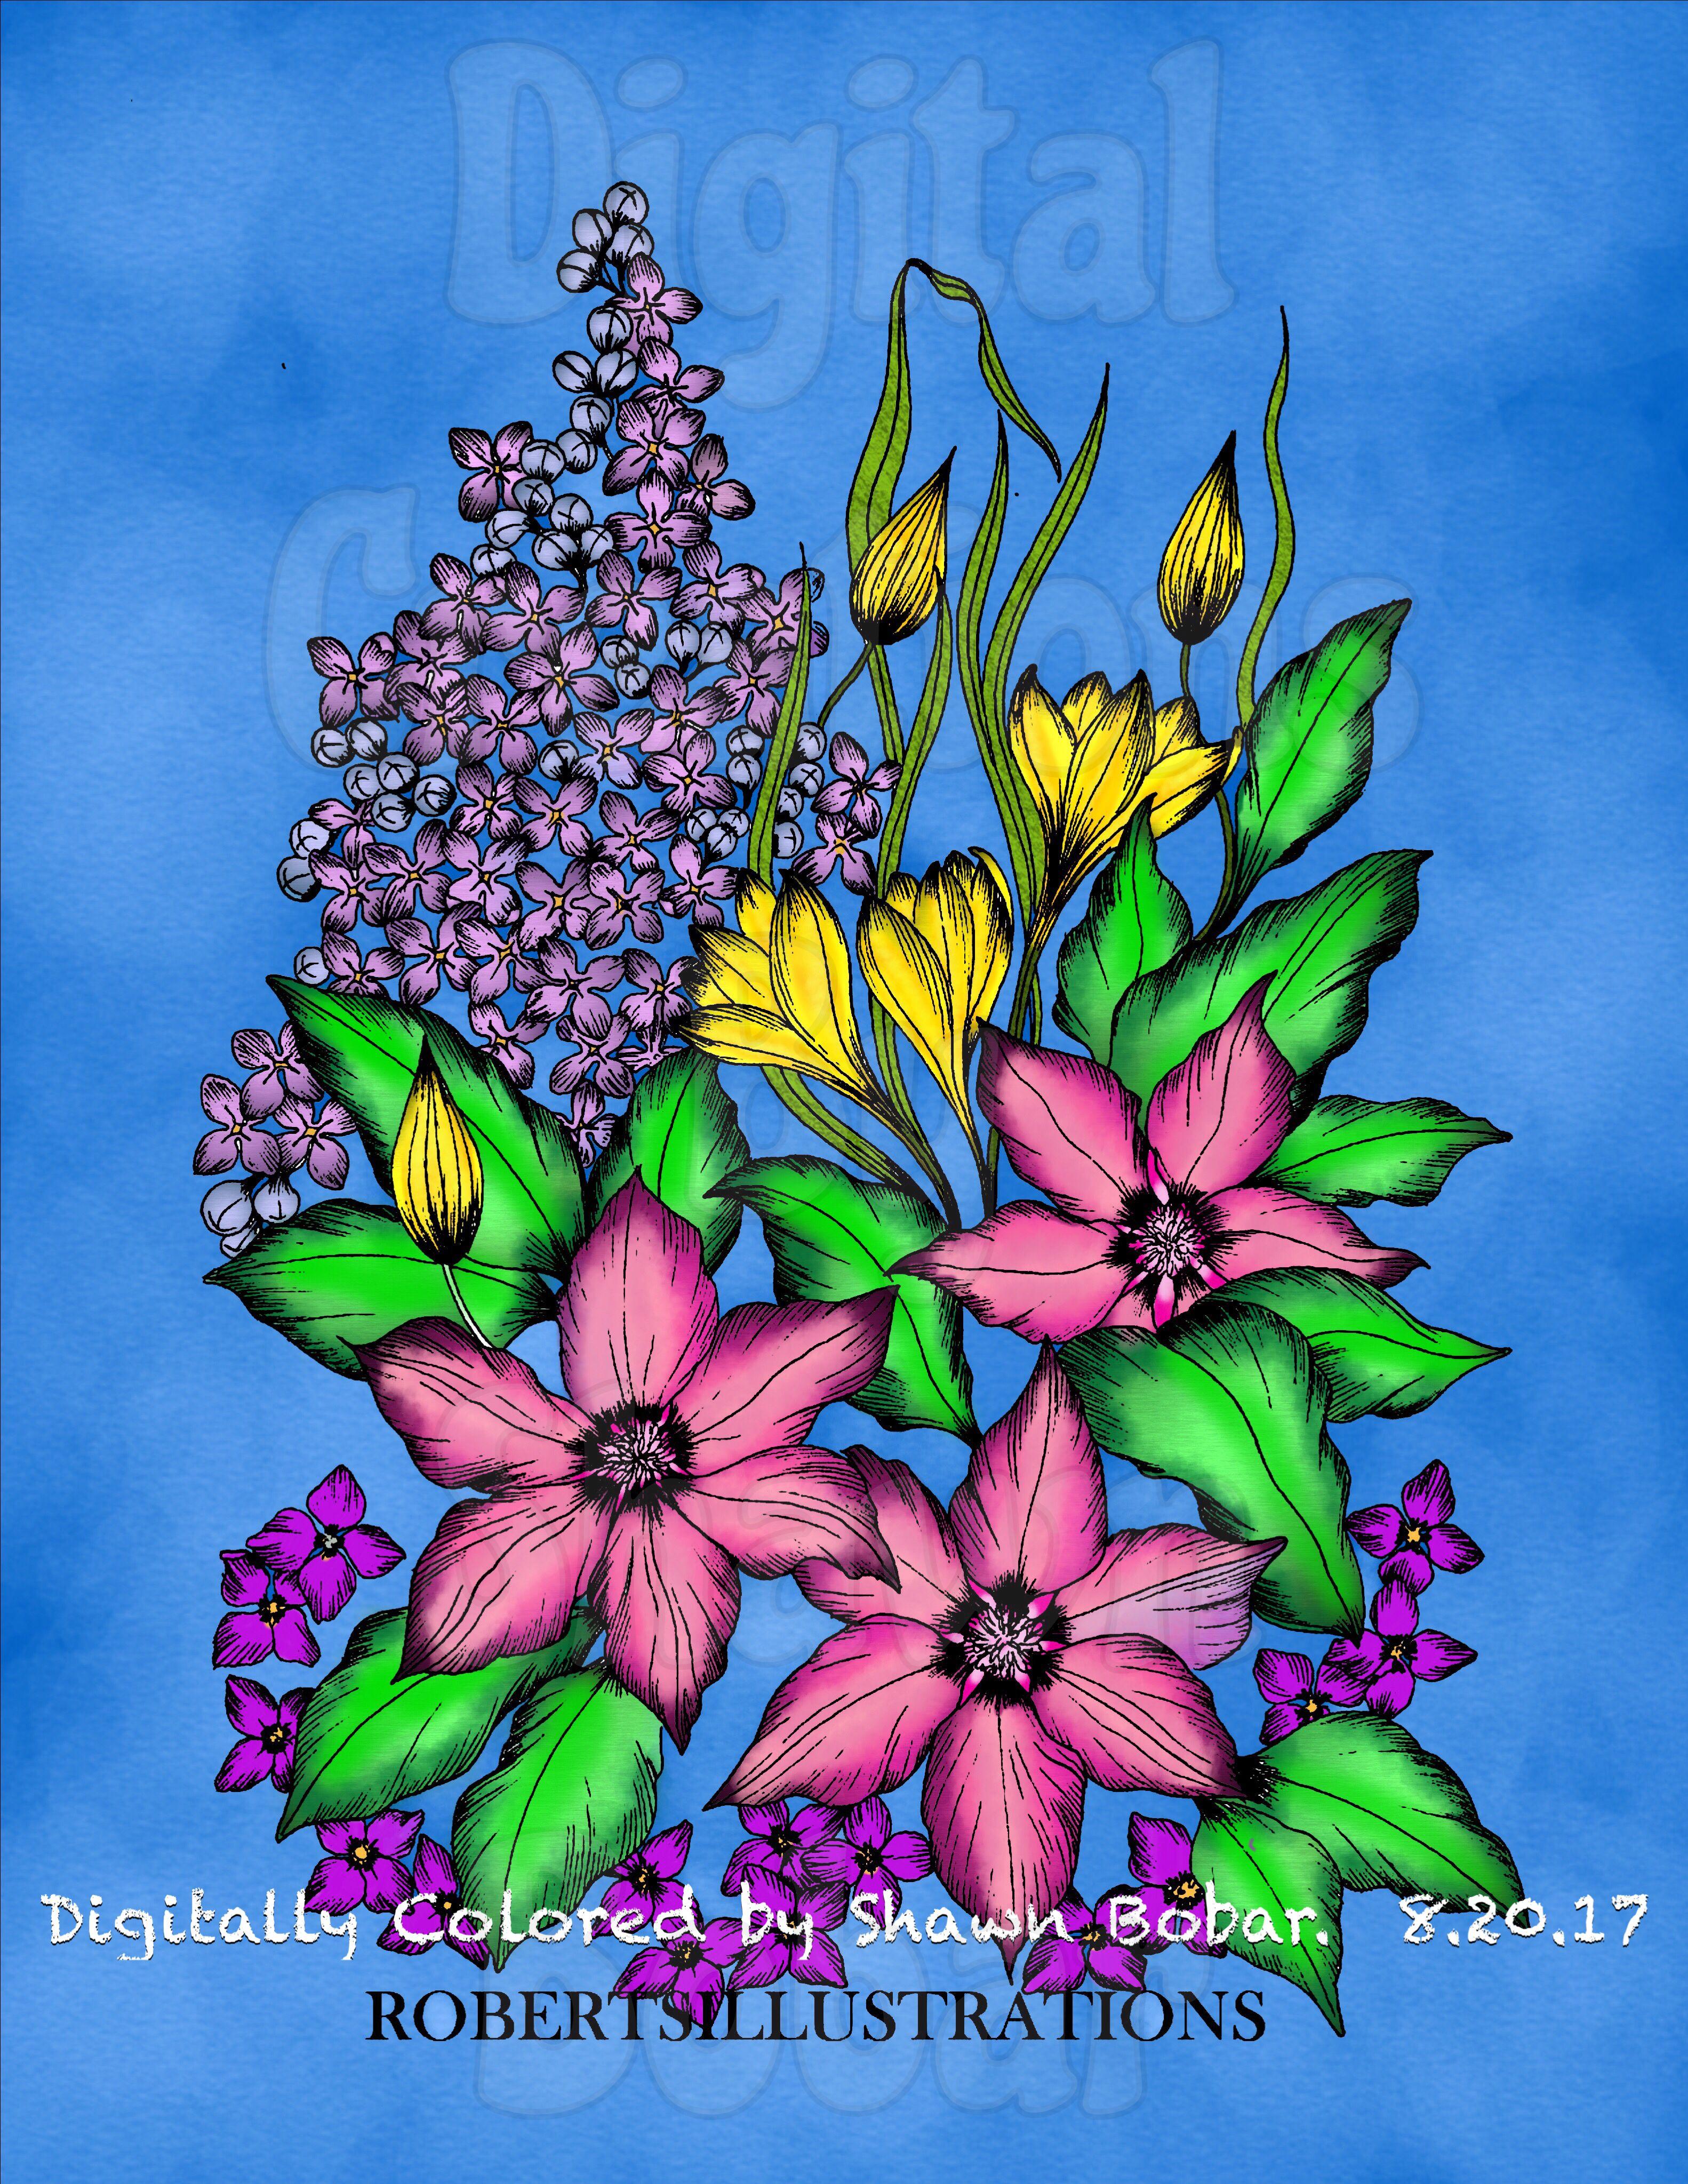 Artist RobertsIllustrations By Rob Roskam Digital Creations